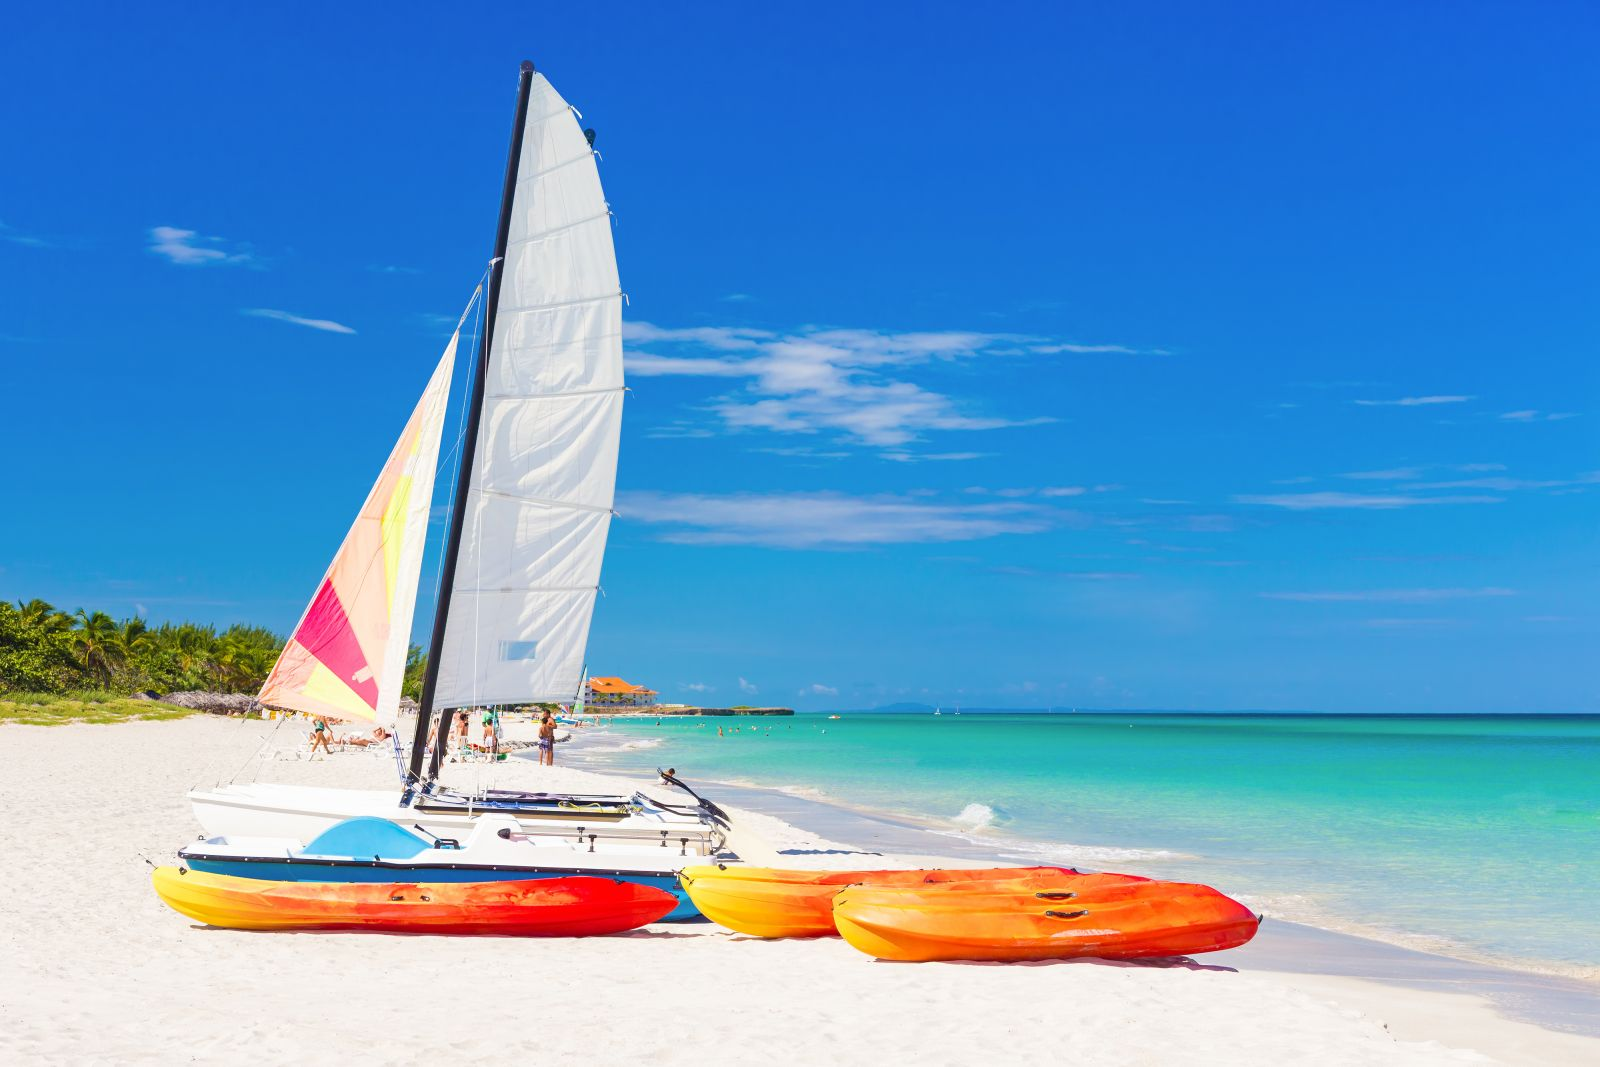 An Kubas Küsten und auf den Inseln gibt es viele weißsandige Strände. Im klaren Wasser lässt es sich gut Schnorcheln und die Temperatur ist ganzjährig angenehm zum Baden. ©kmiragaya/AdobeStock